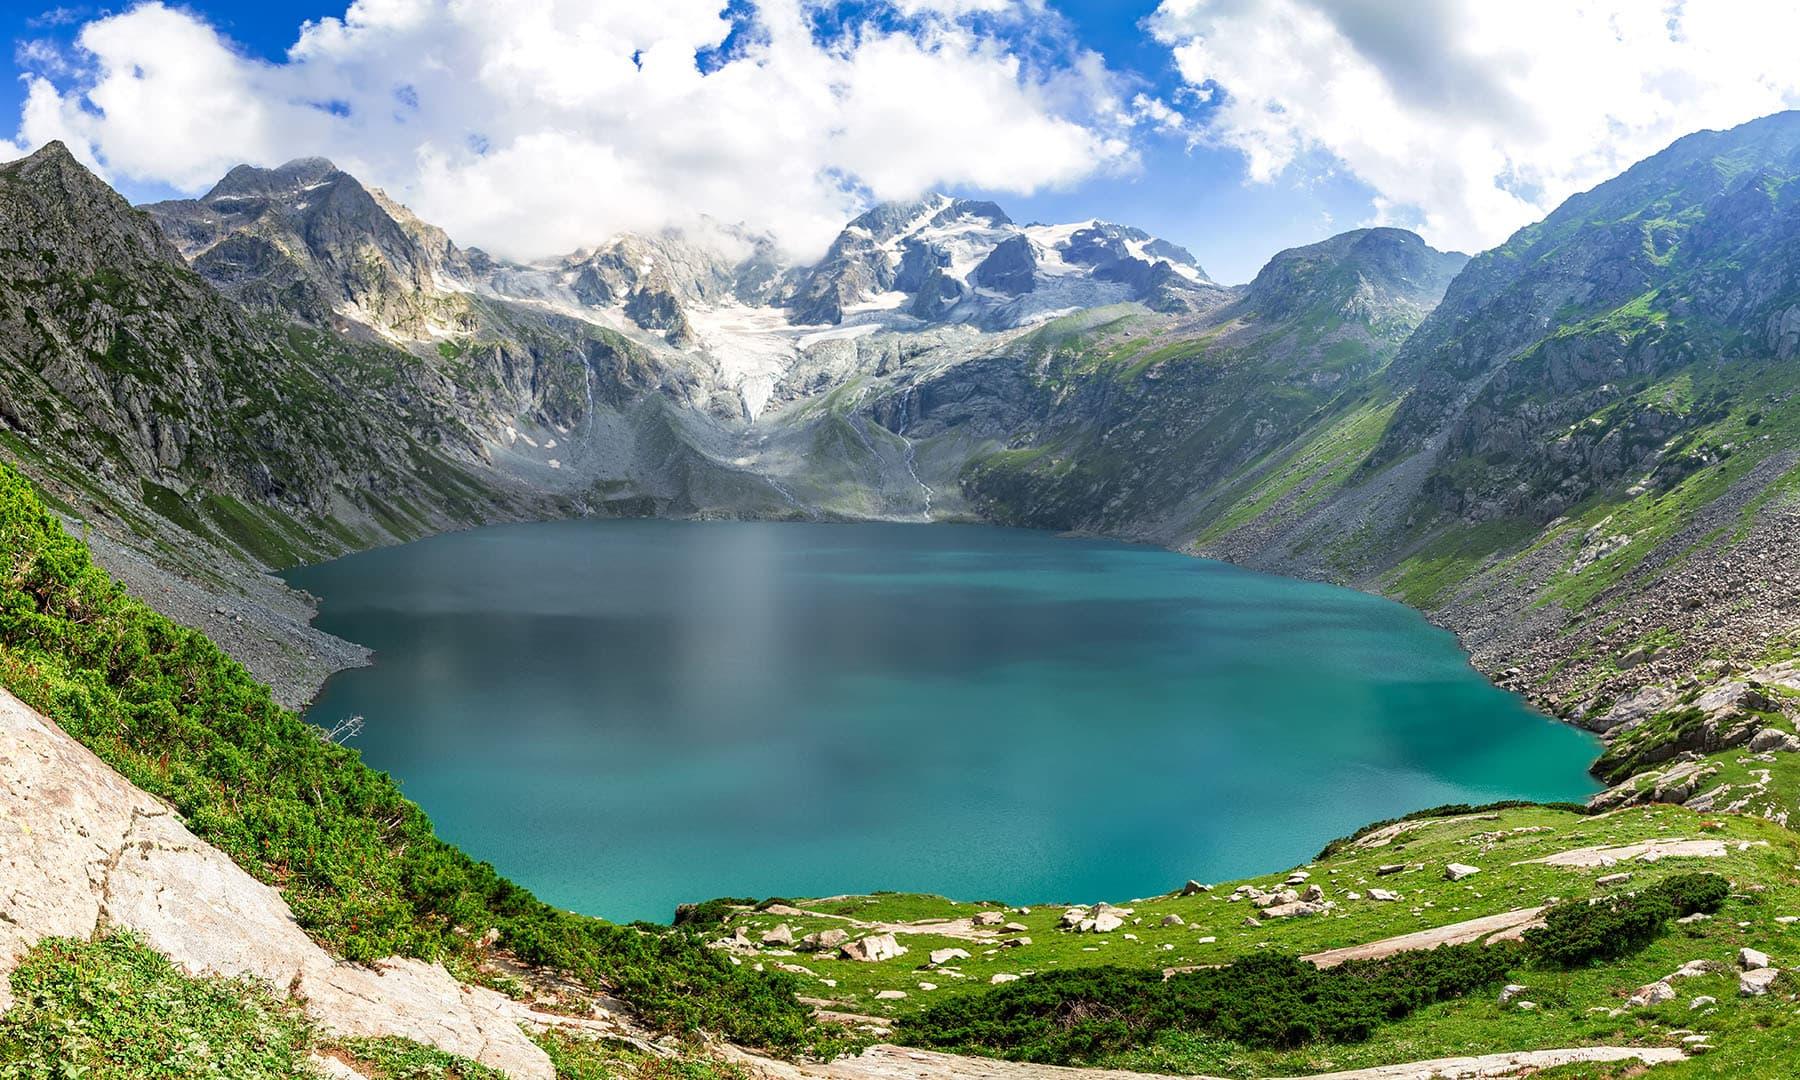 سطح سمندر سے 11500 فٹ بلندی پر واقع سب سے خوبصورت جھیل کٹورا جھیل—رانا محمد اکمل